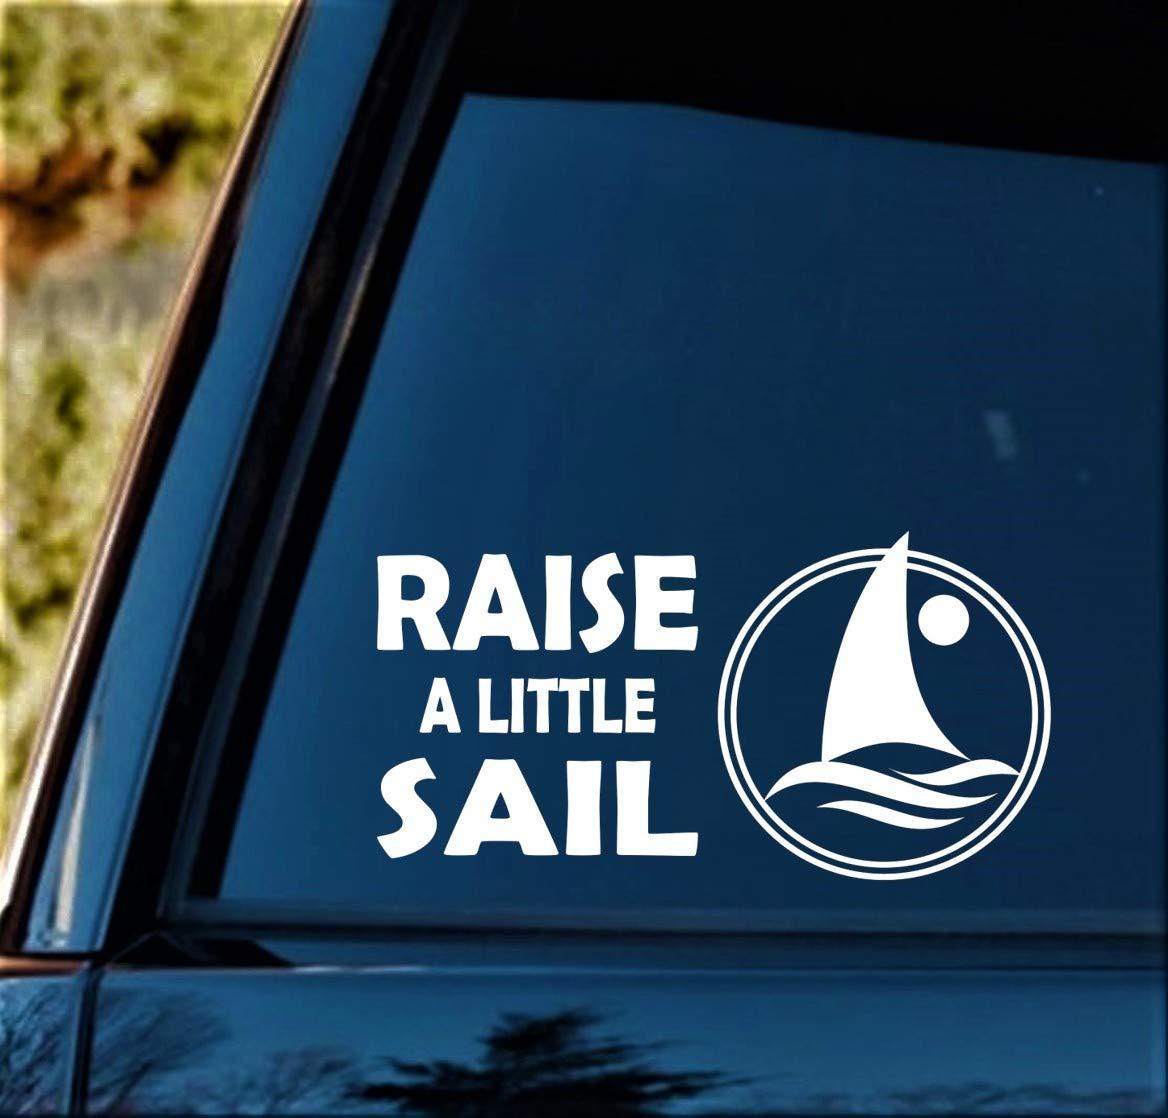 Raise A Little Sail Sailing Decal Sticker for Car Window 8.0 Inch BG 394